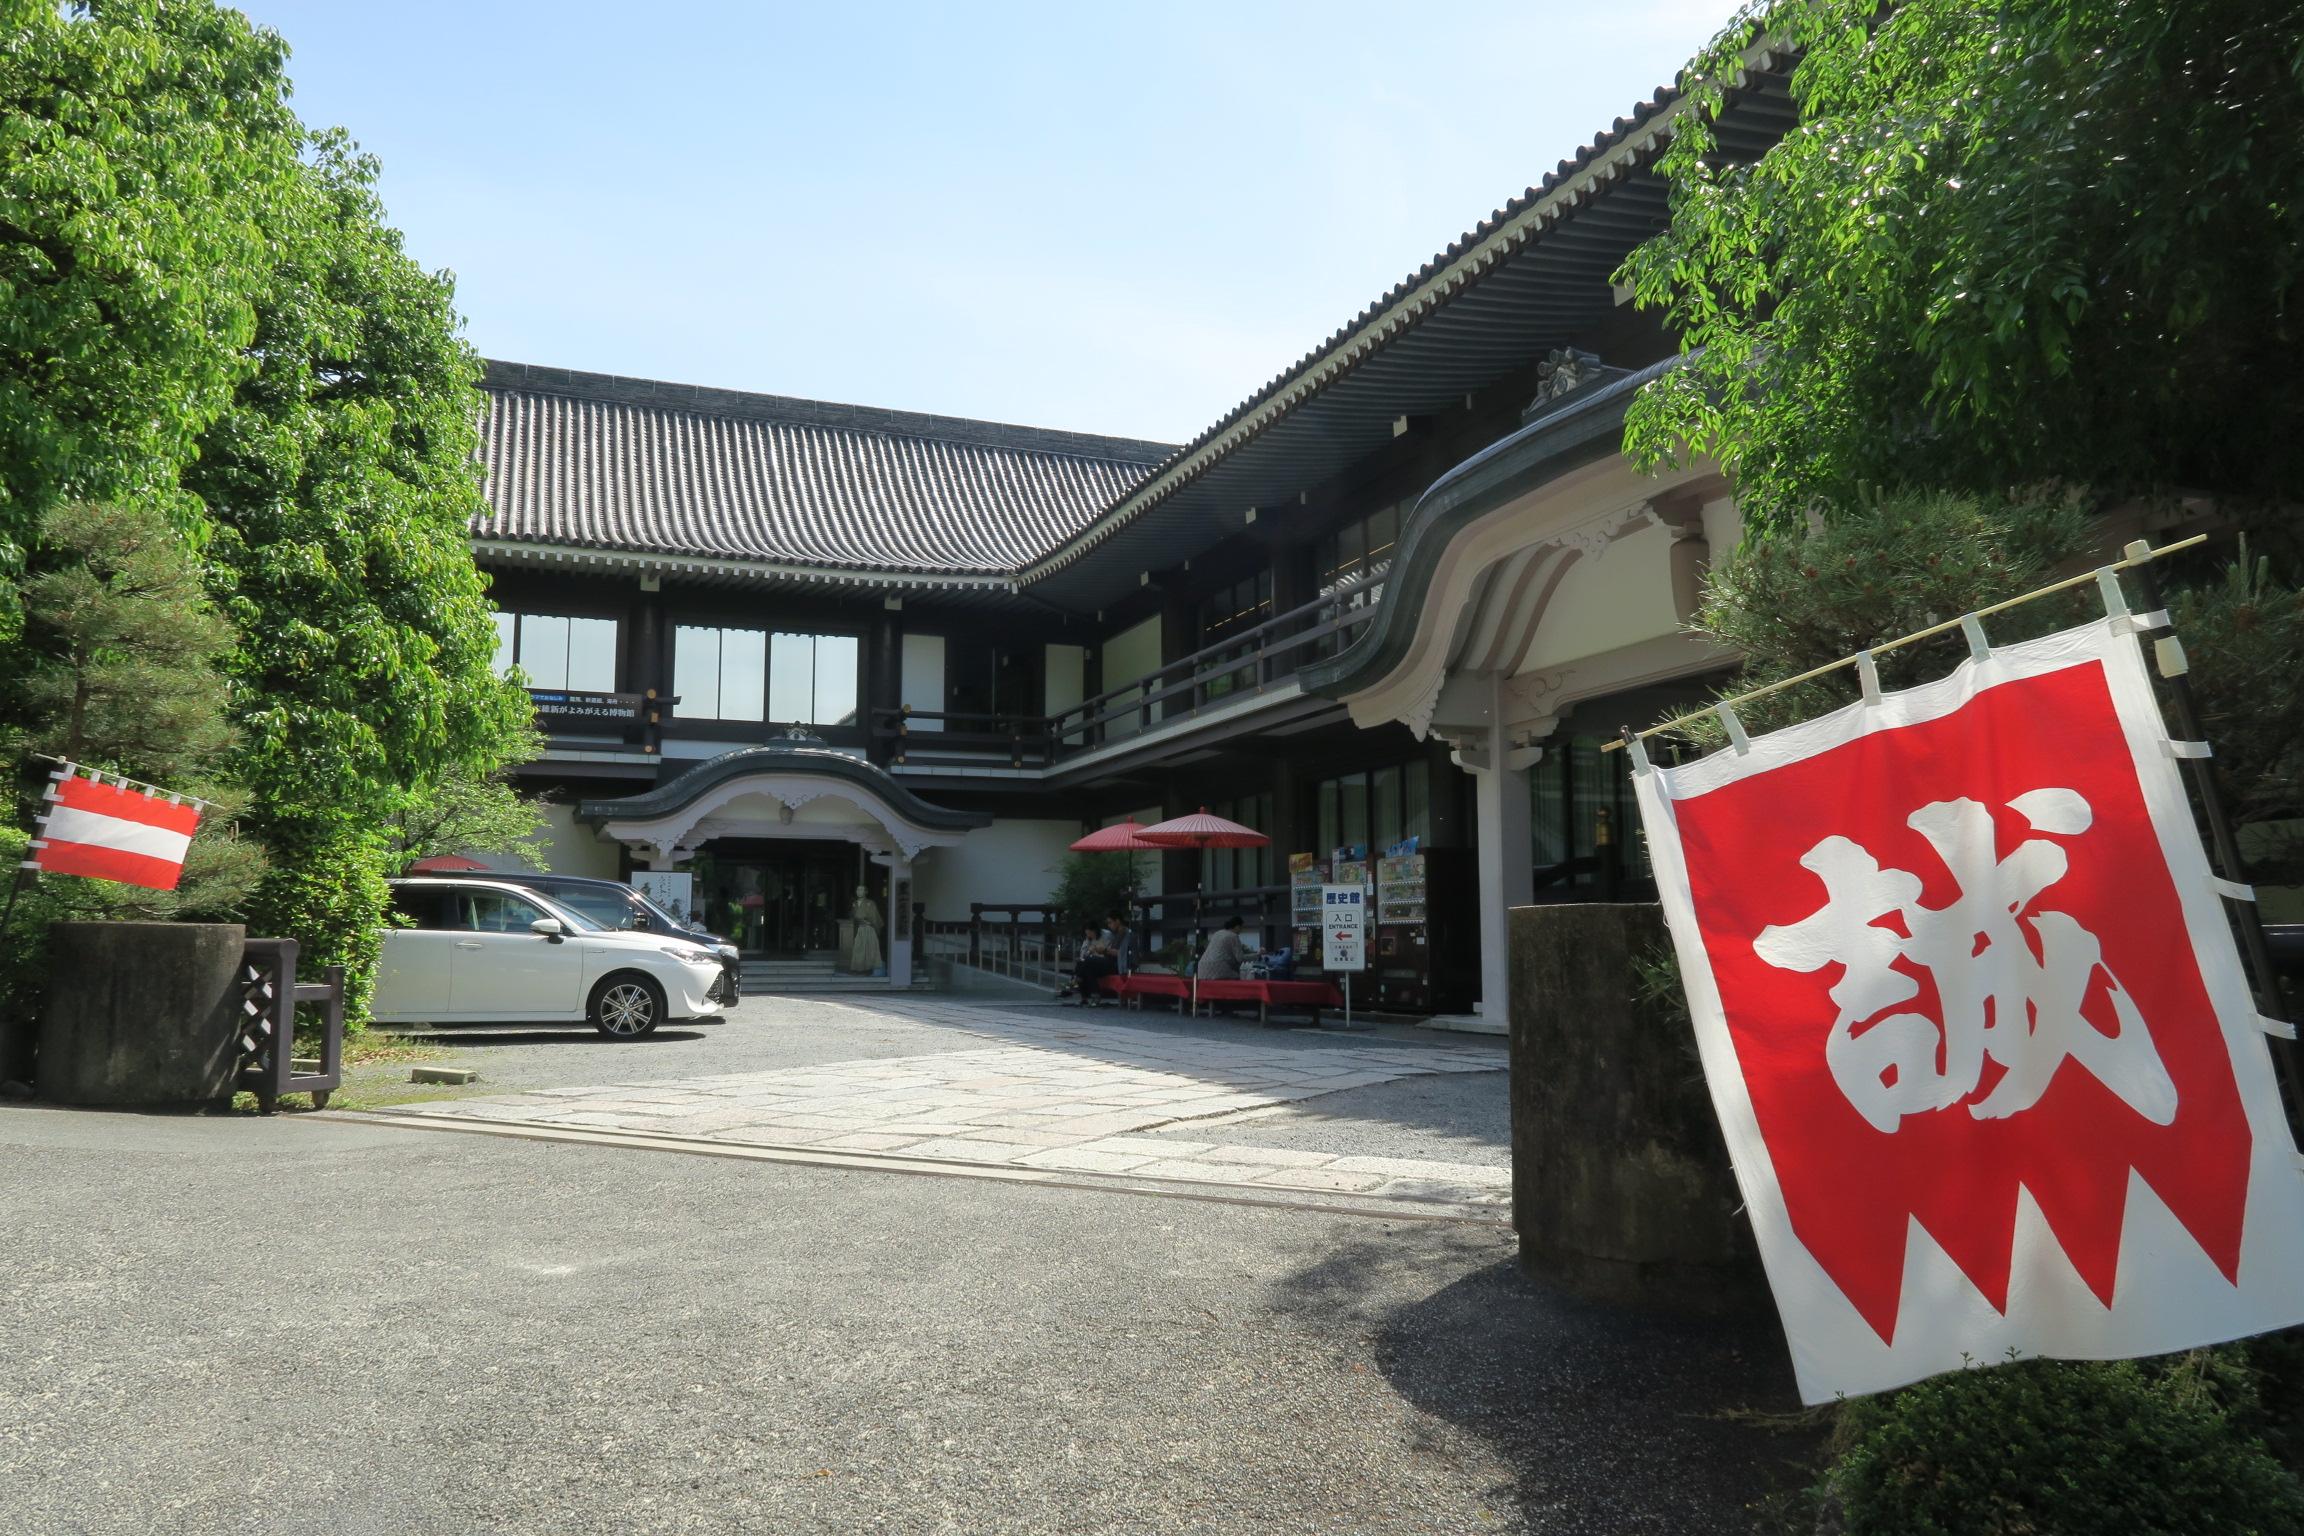 幕末維新ミュージアム「霊山歴史館」。この時代に活躍した志士、大名、天皇等の遺品が展示されています。